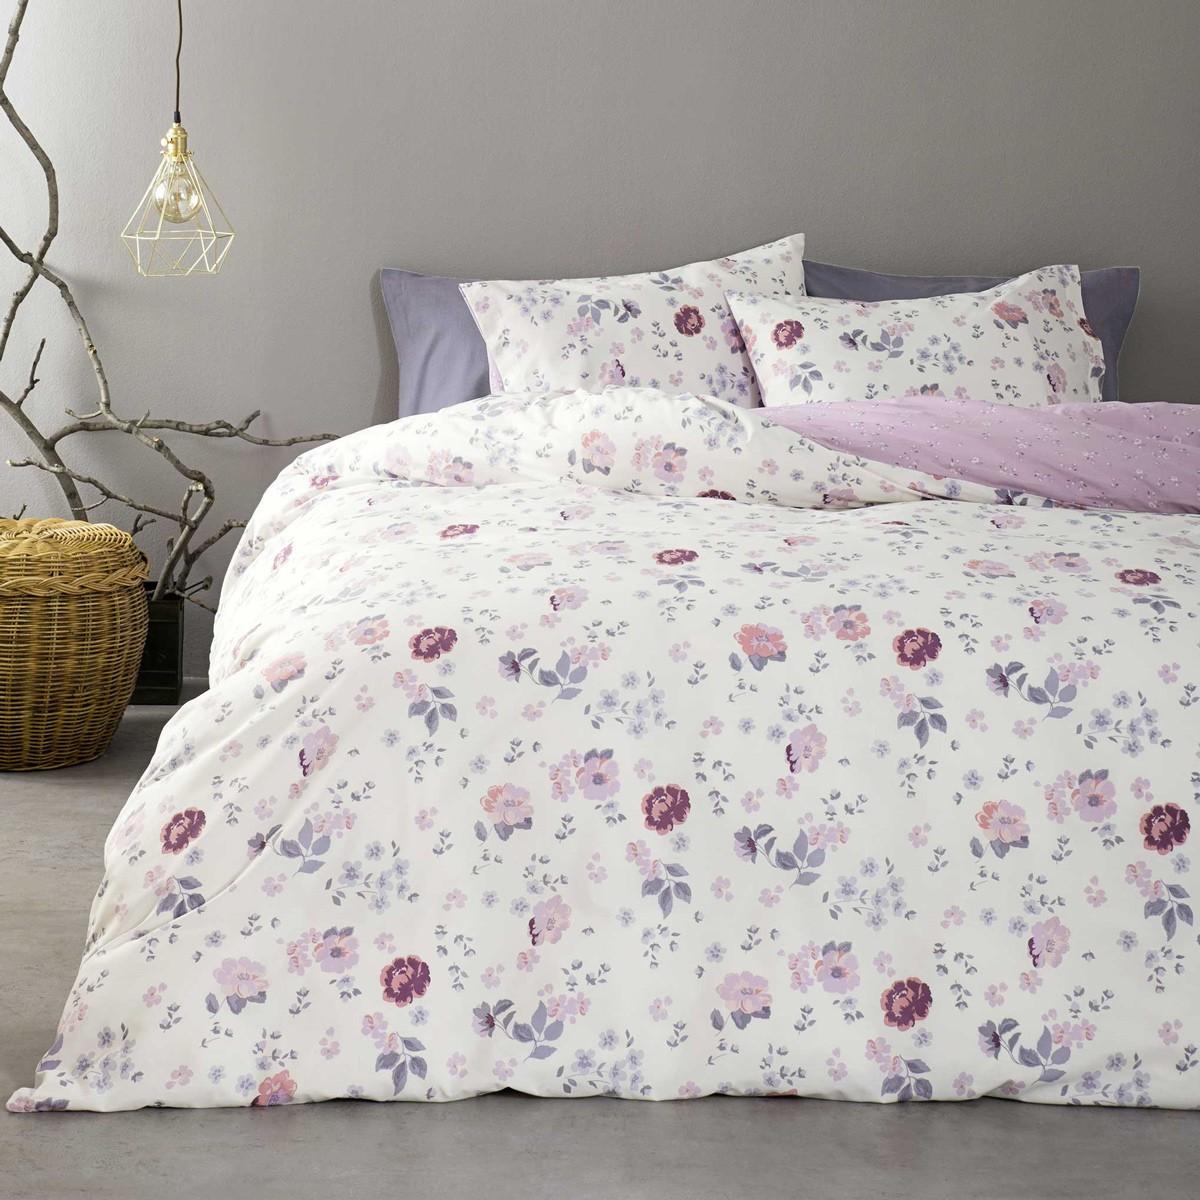 Παπλωματοθήκη Υπέρδιπλη (Σετ) Nima Bed Linen Almeria Pink